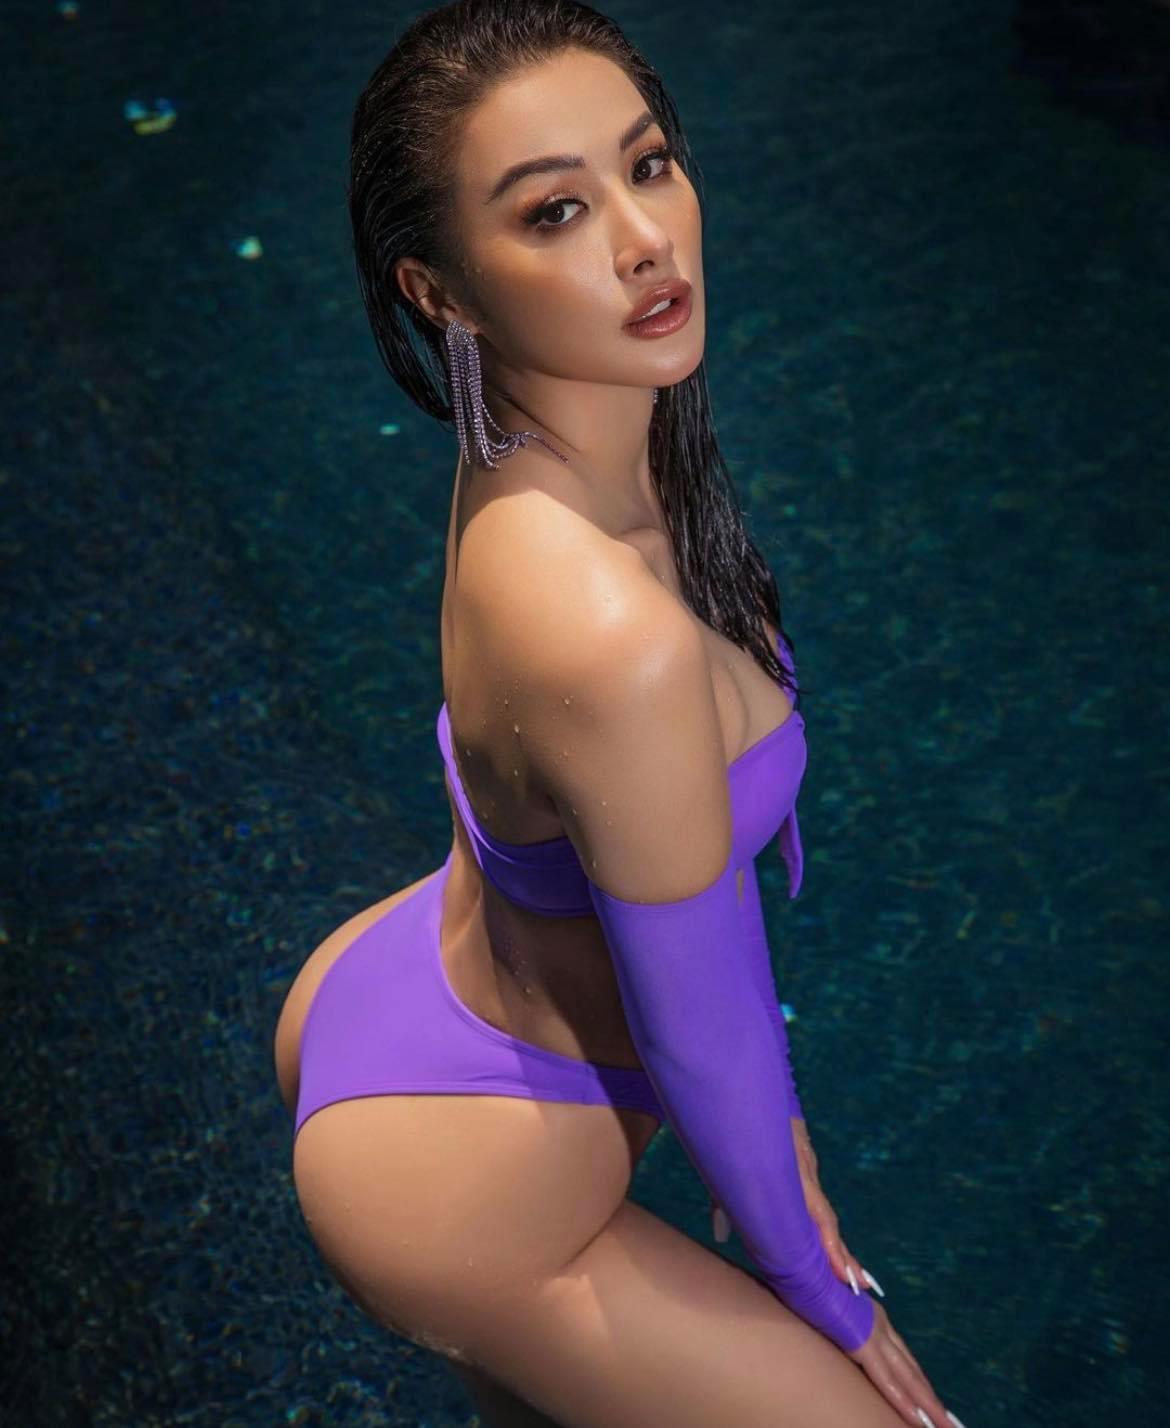 """Đây hẳn là mỹ nhân mặc bikini sexy bậc nhất showbiz Việt, gợi cảm """"chết người"""" - hình ảnh 2"""